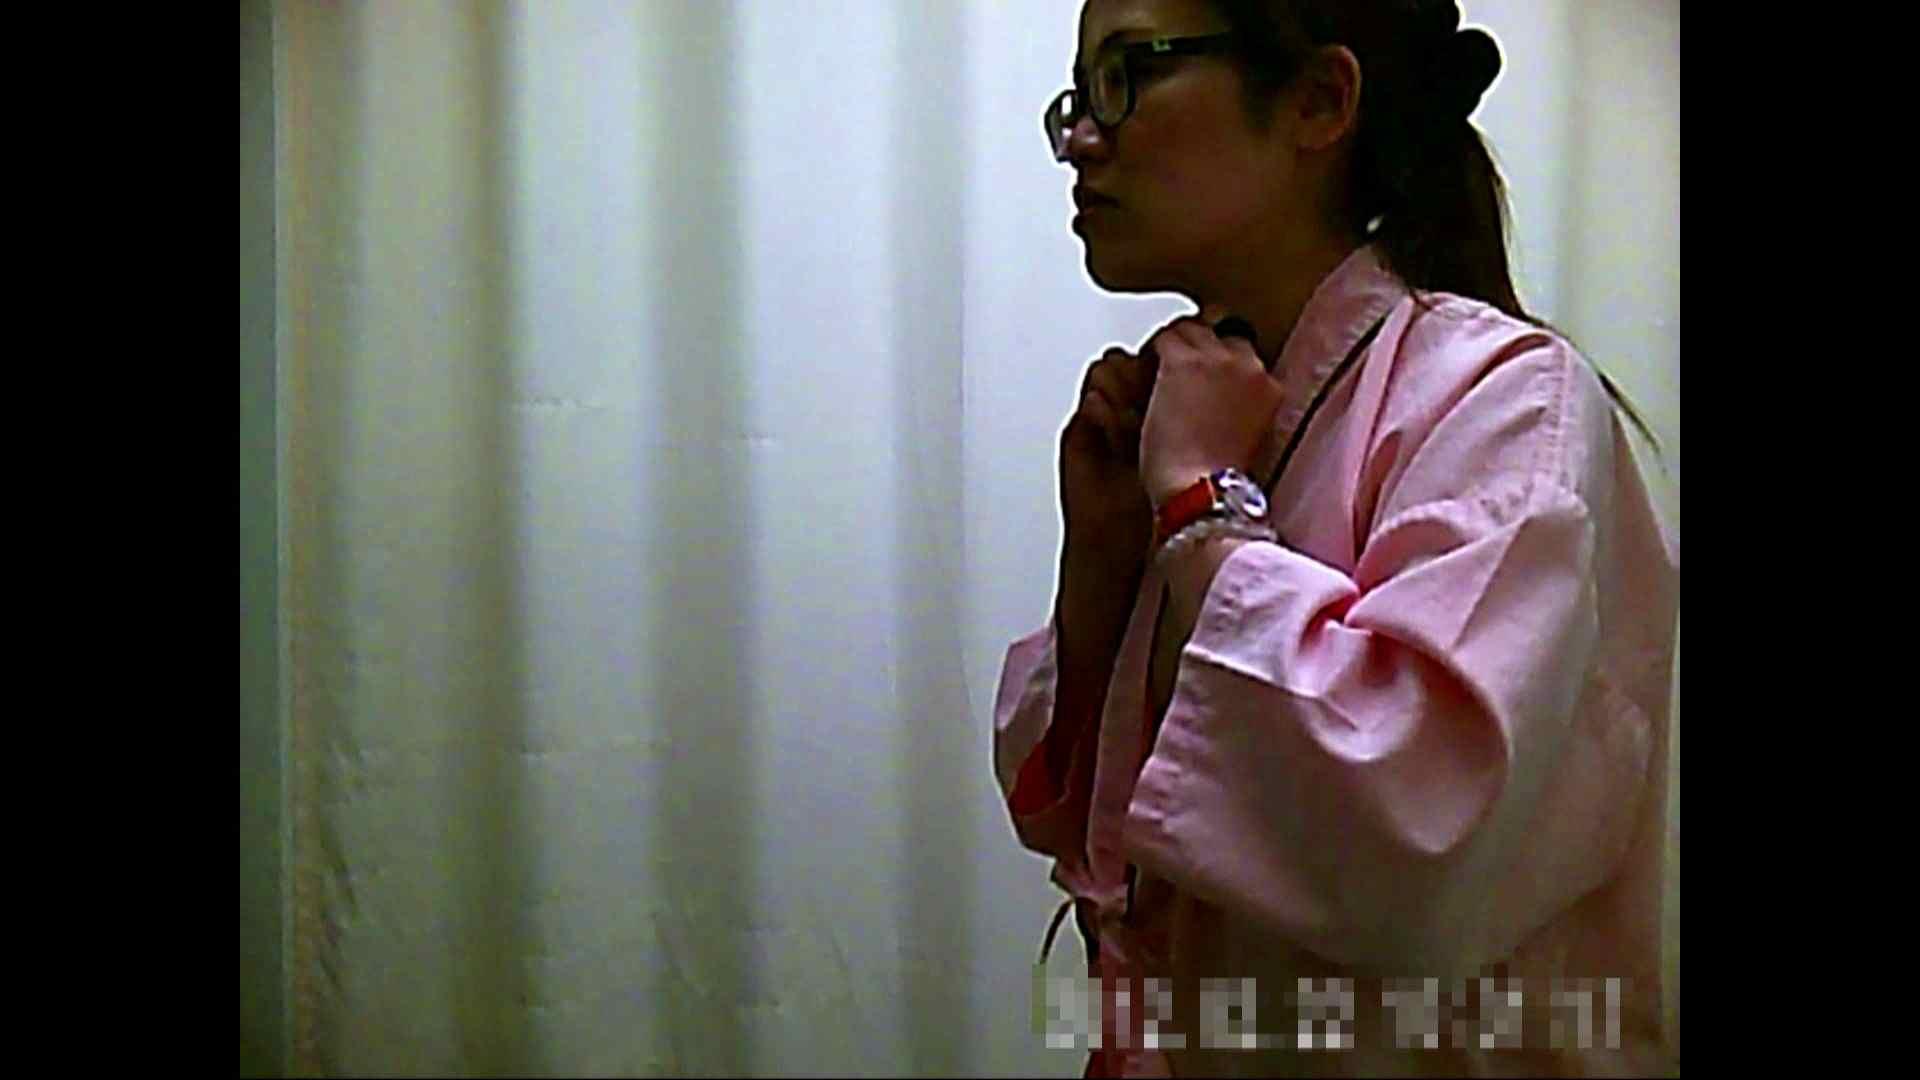 元医者による反抗 更衣室地獄絵巻 vol.035 盛合せ AV動画キャプチャ 91画像 53